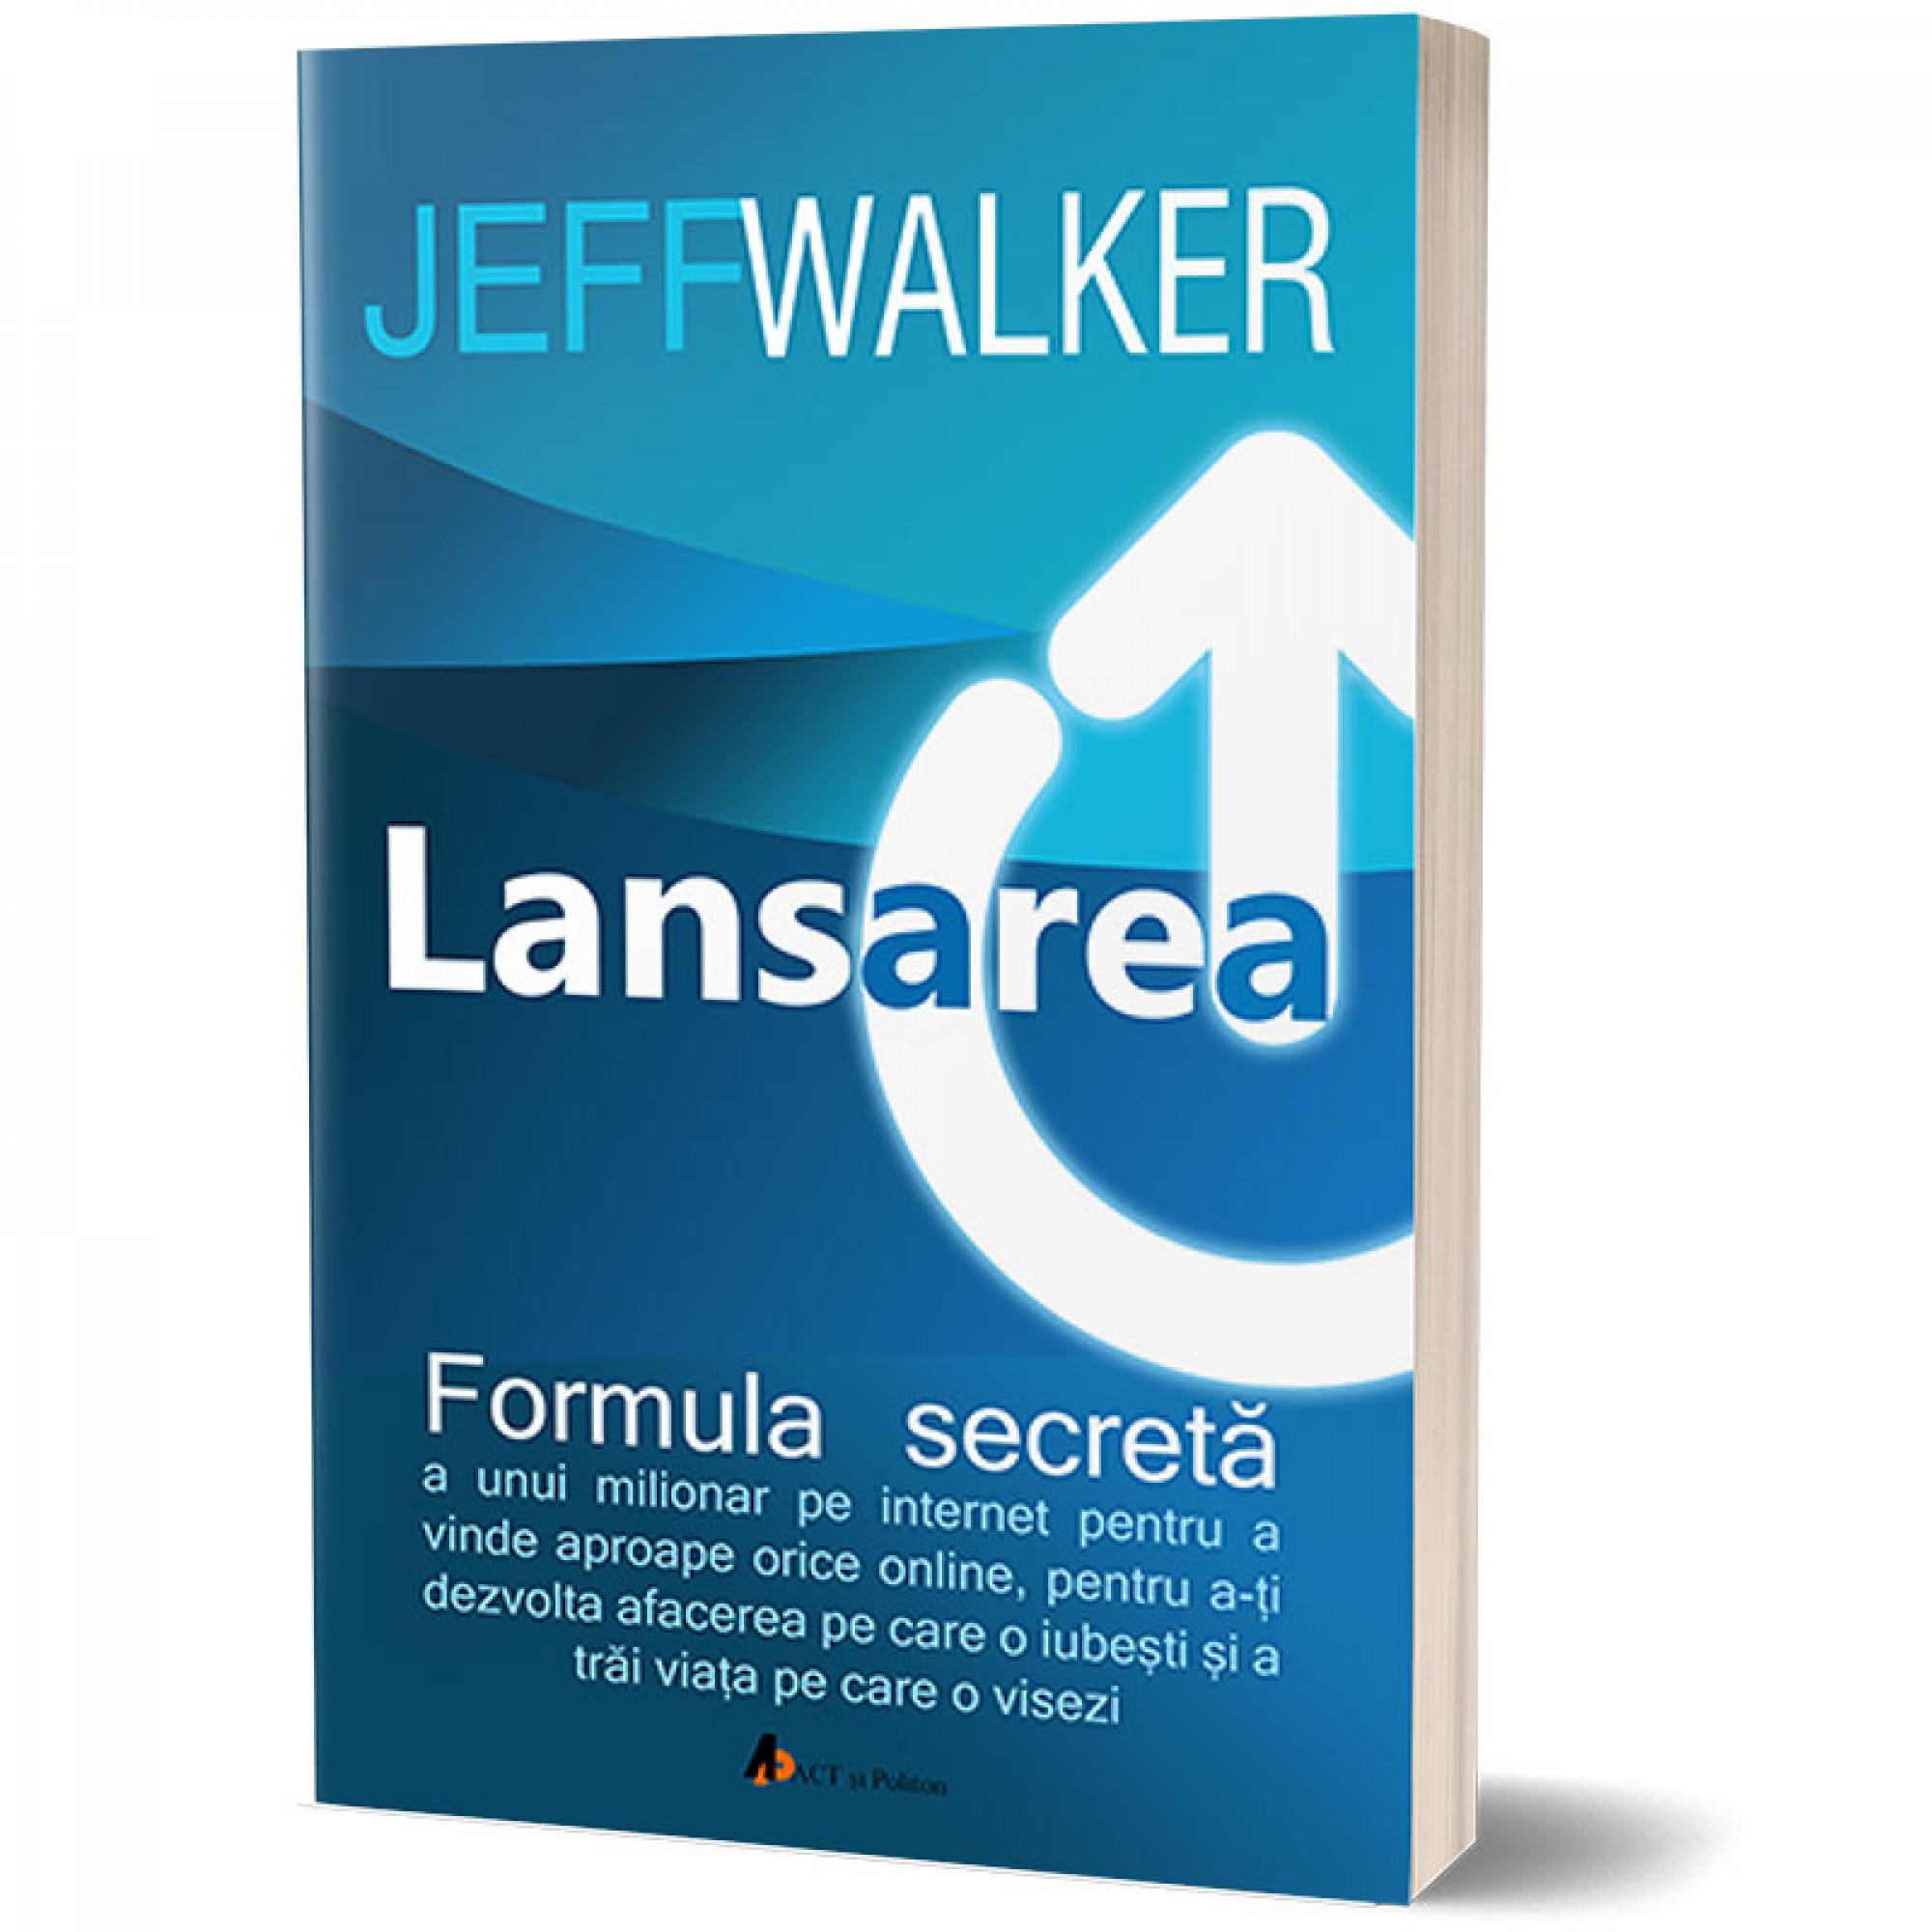 Lansarea. Formula secretă a unui milionar pe Internet pentru a vinde aproape orice online, pentru a-ți dezvolta afacerea pe care o iubești și a trăi viața pe care o visezi